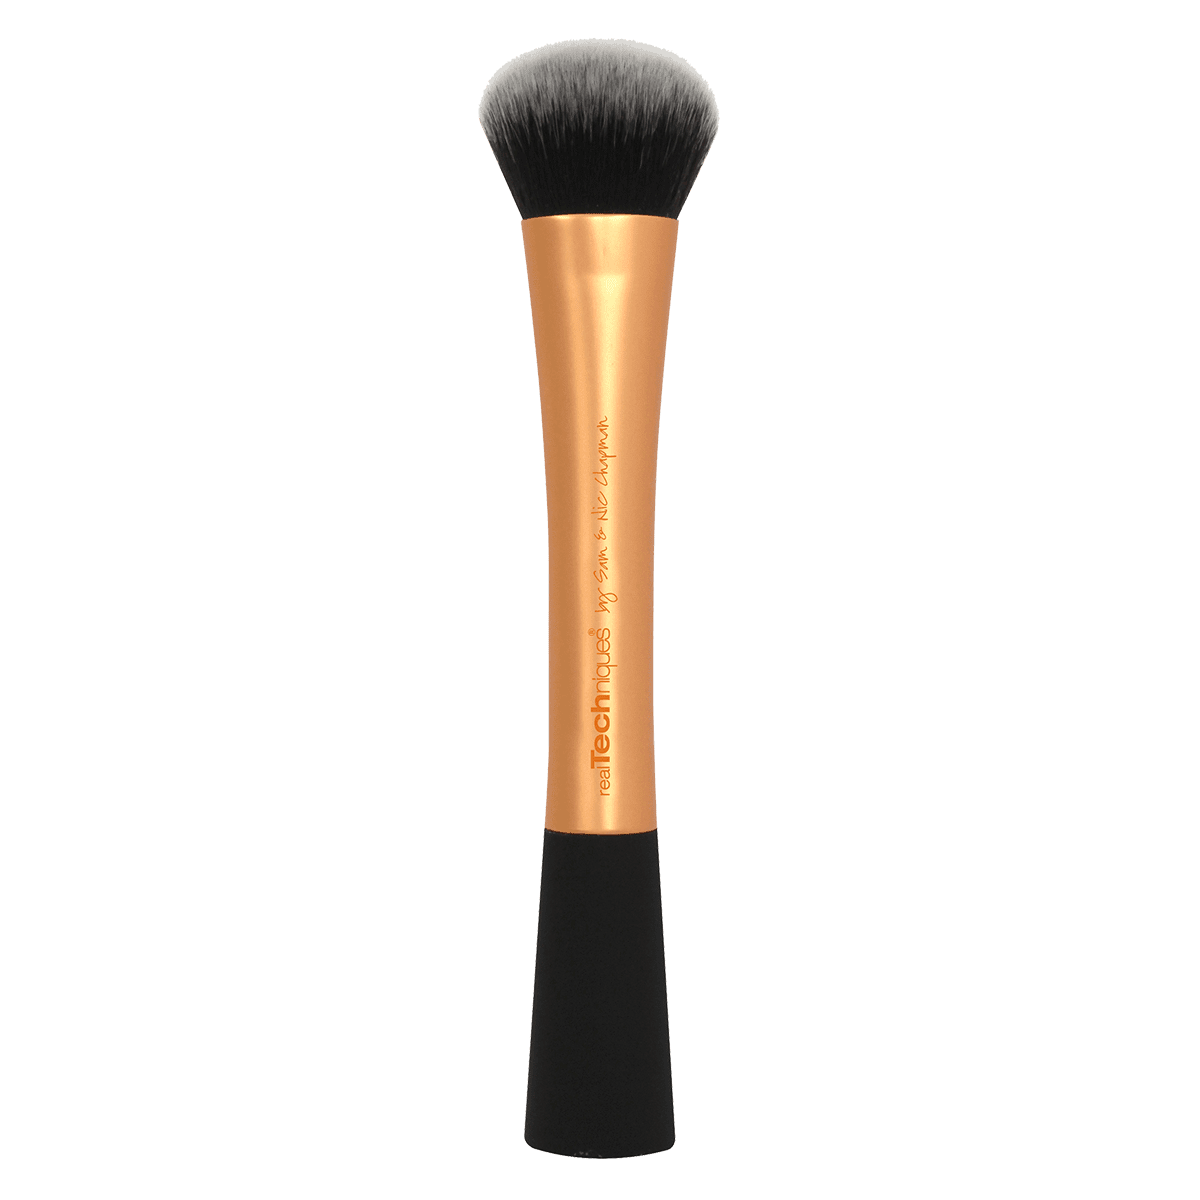 expert face brush review 2015, best foundation brush 2015,